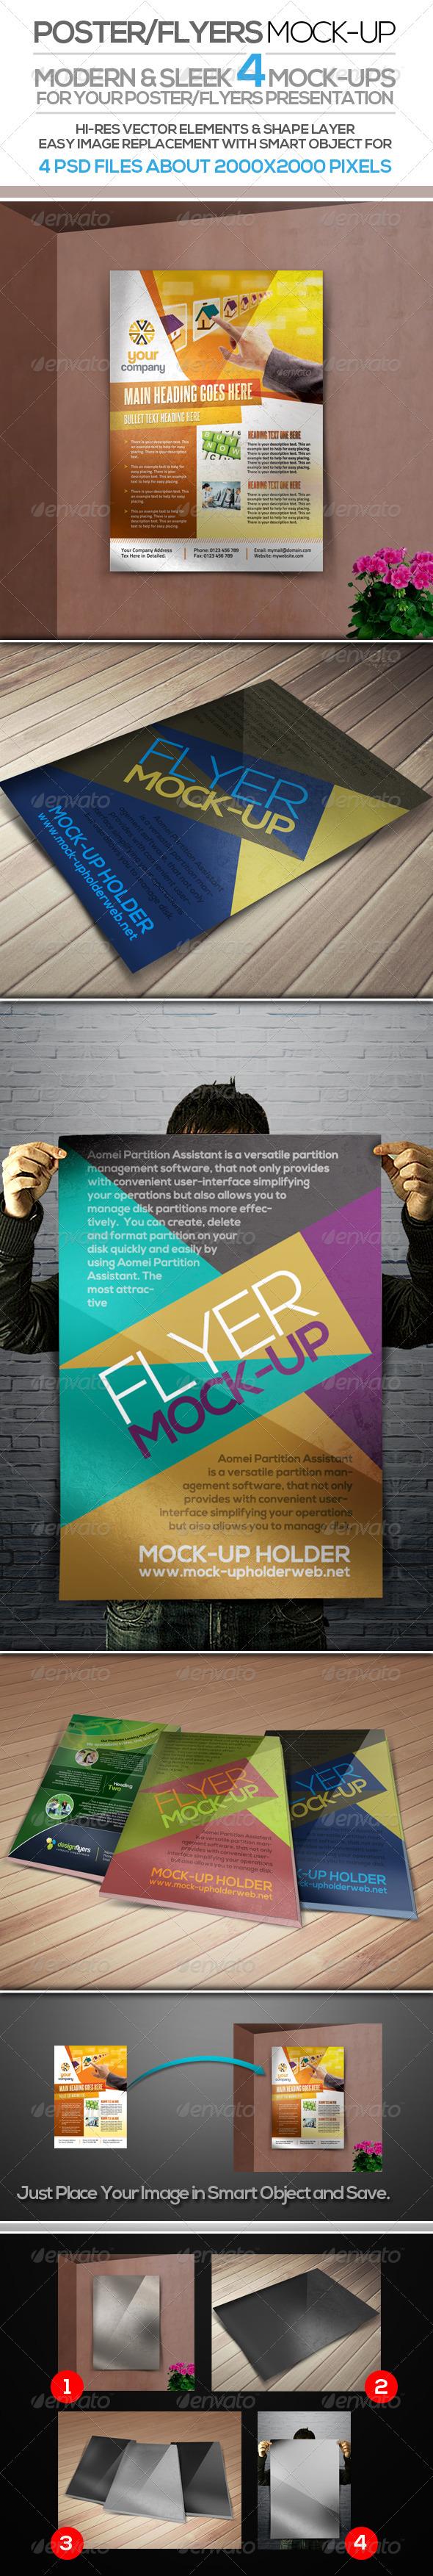 Flyer Poster Mock-up